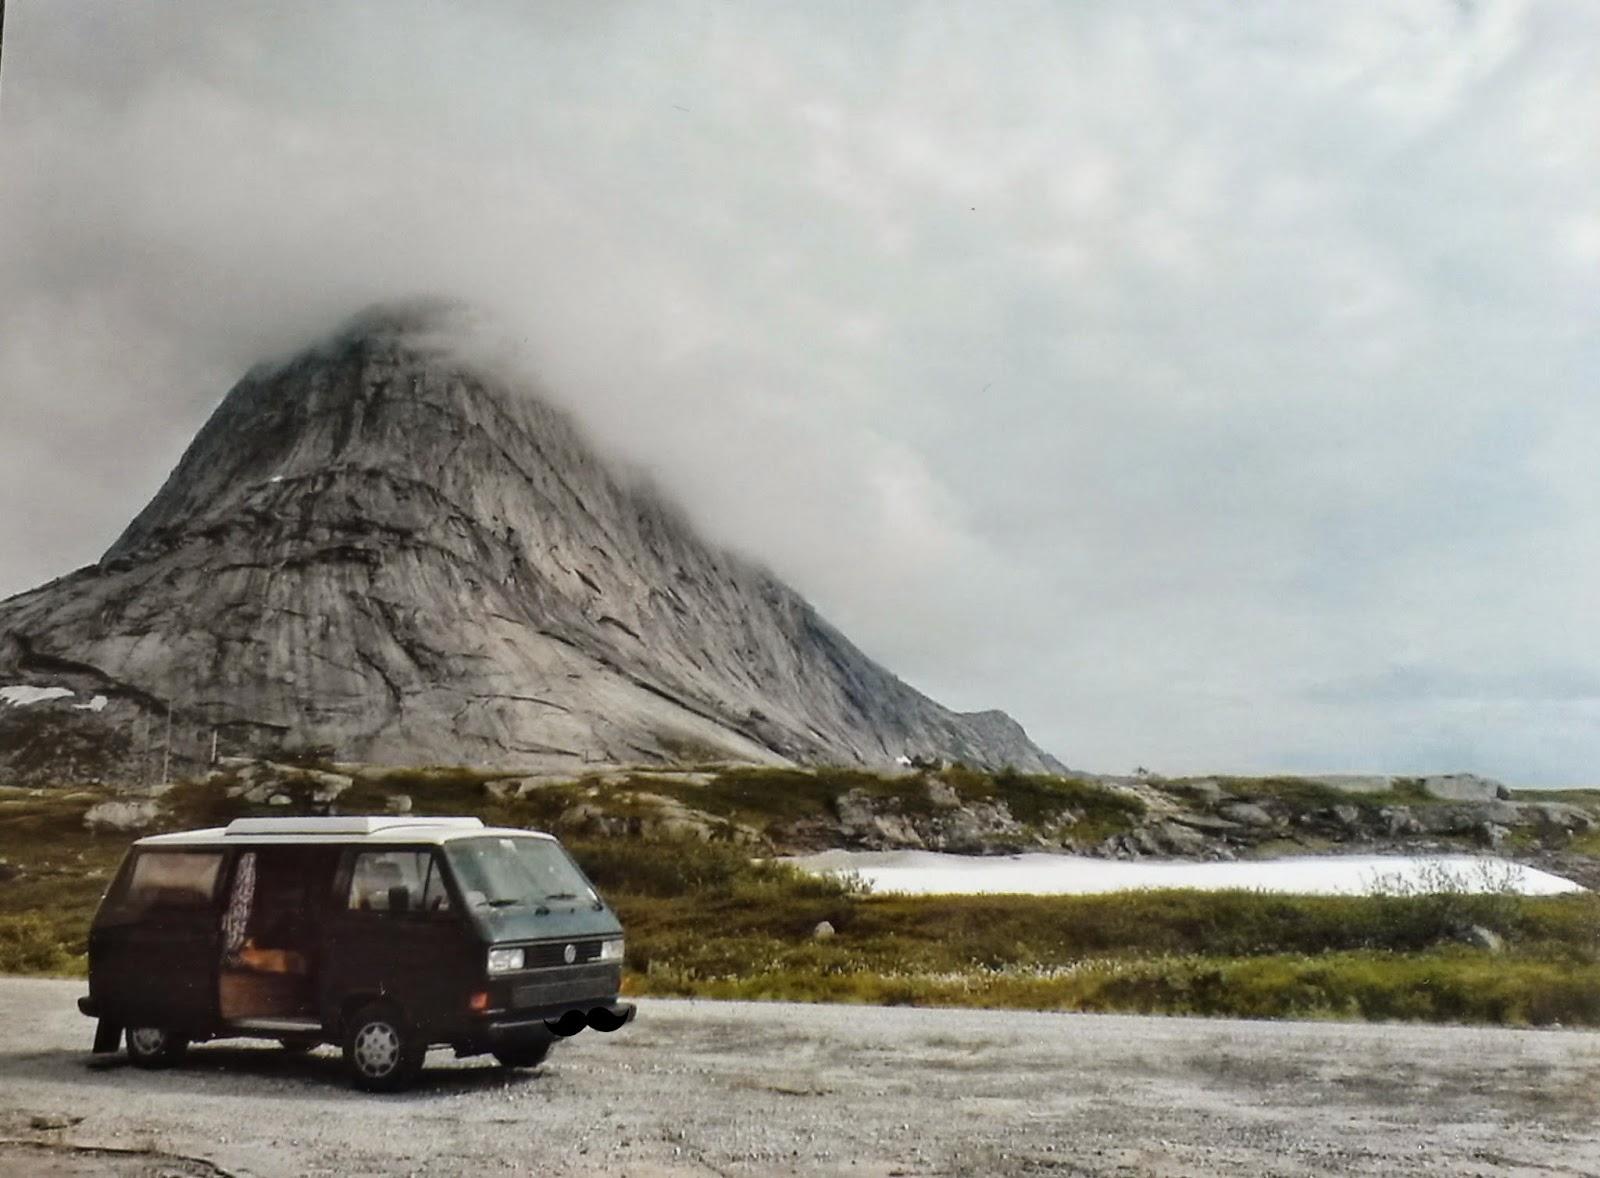 Im Zelt Von Einem Der Auszog Um Draußen Zu Schlafen : Auf trallafitti mit dem auto